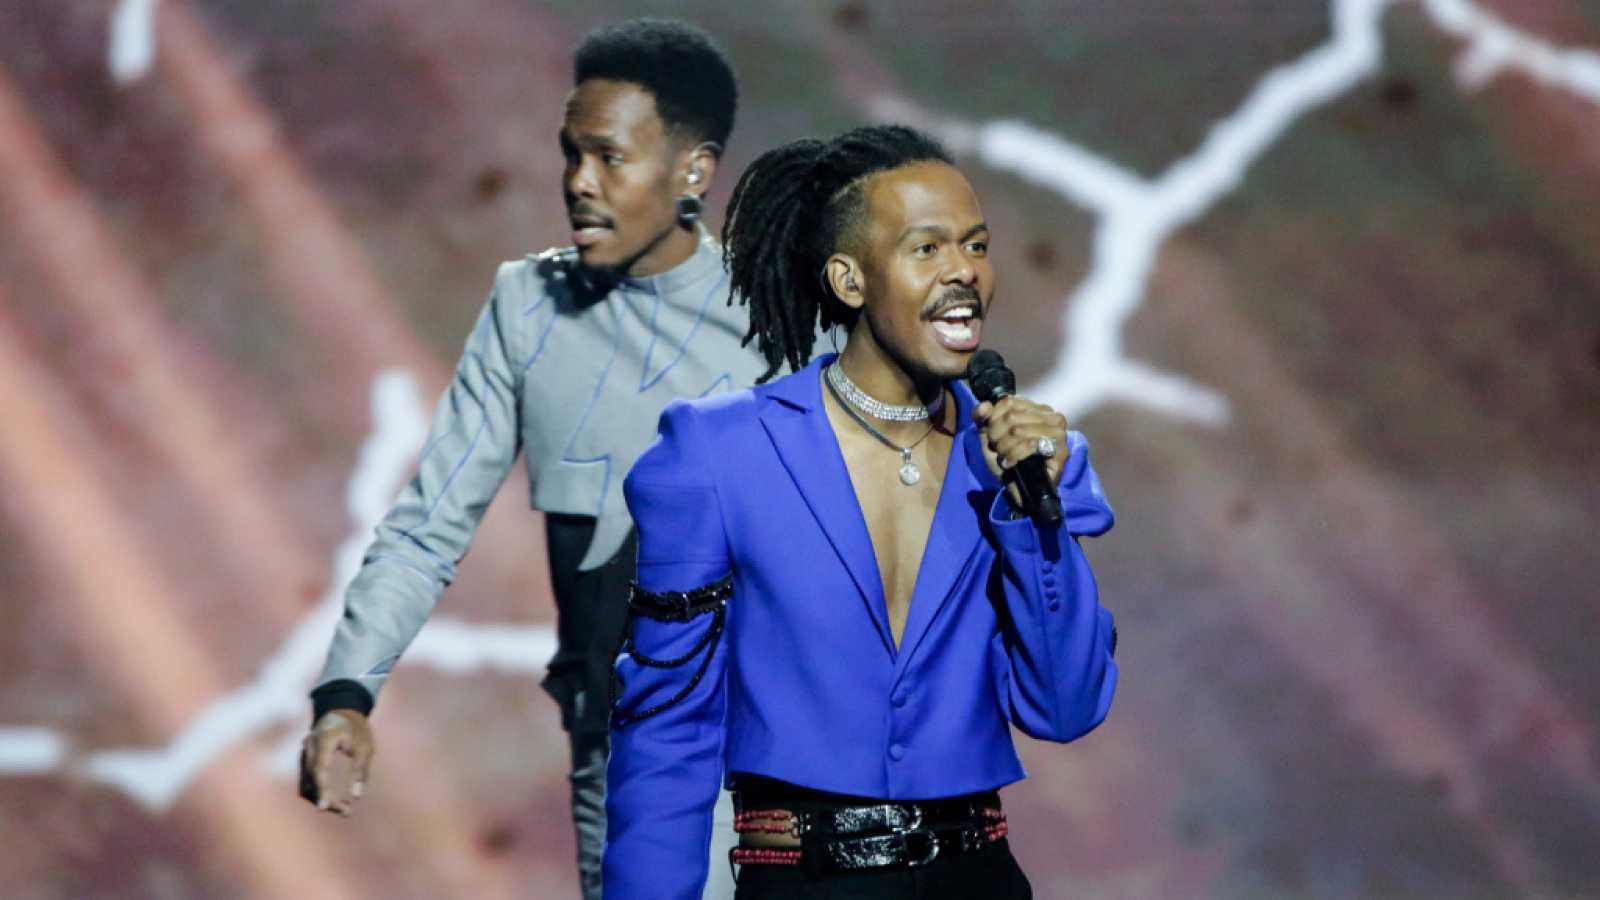 """Eurovisión 2021 - Países Bajos: Jeangu Macrooy canta """"Birth of a new age"""""""